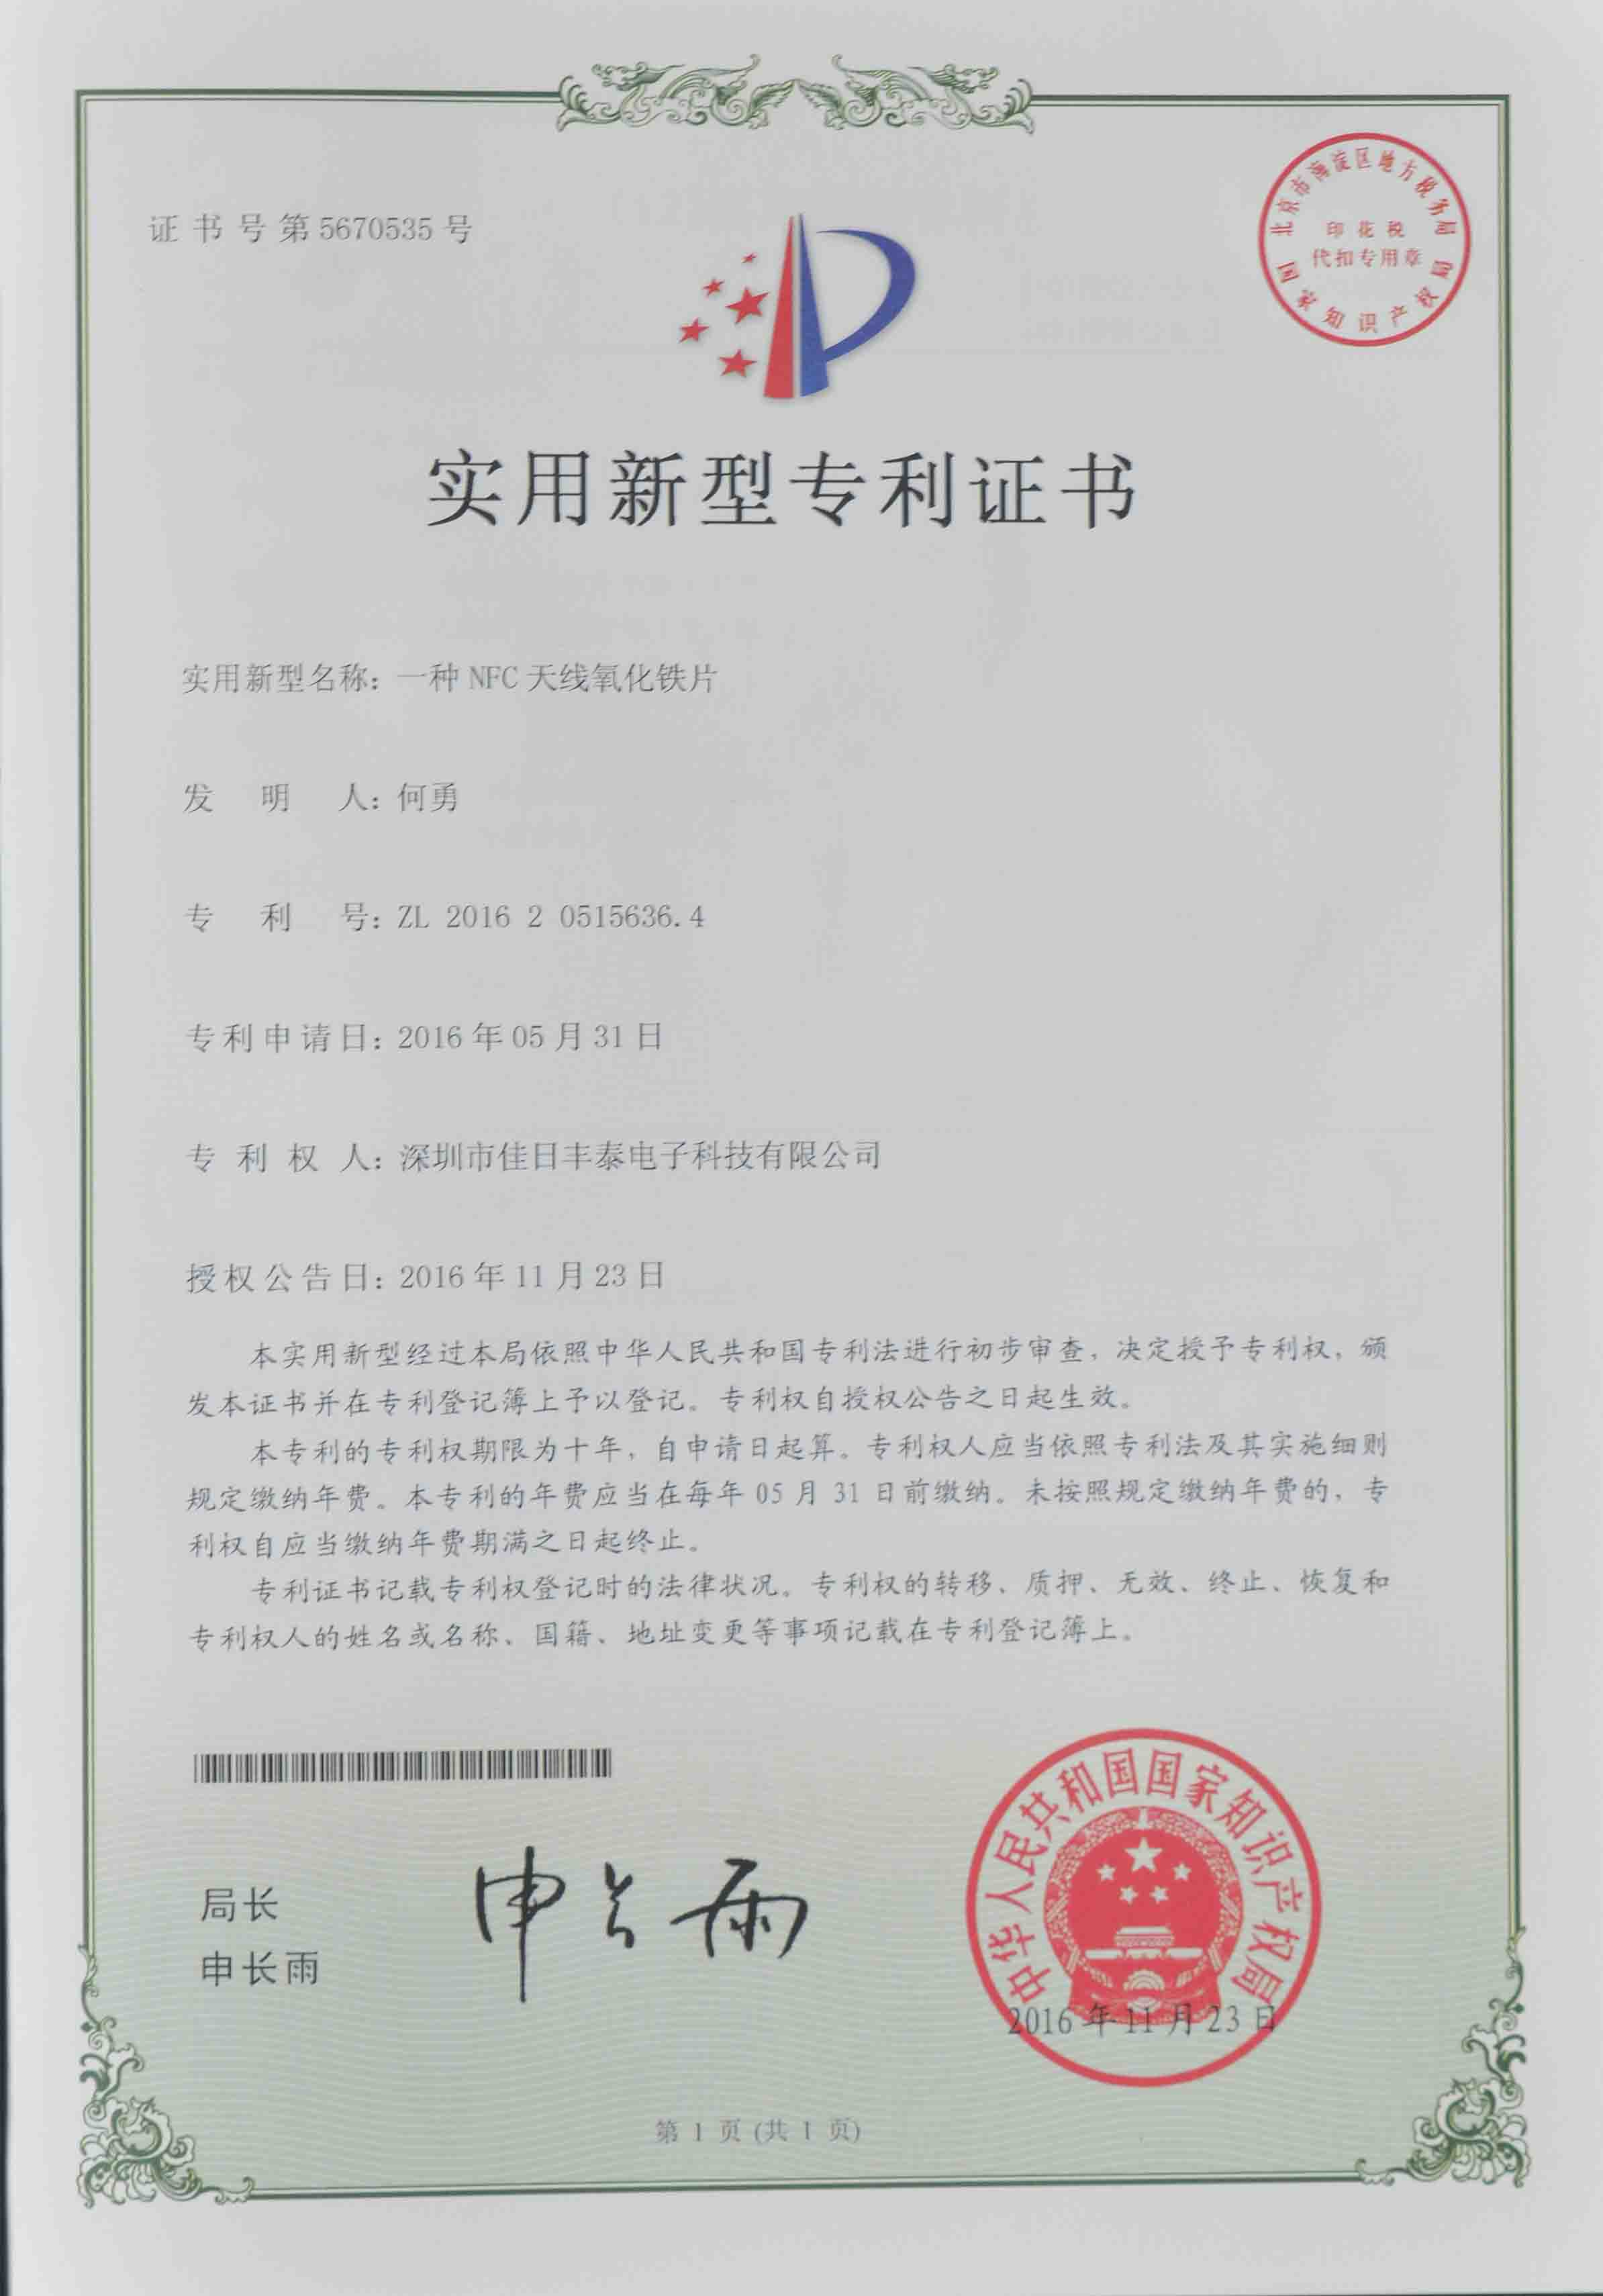 番茄chengren直播app下载地zhi_番茄社qu下载chengrenban_番茄社qu安卓app下载的美guoUL认证证书